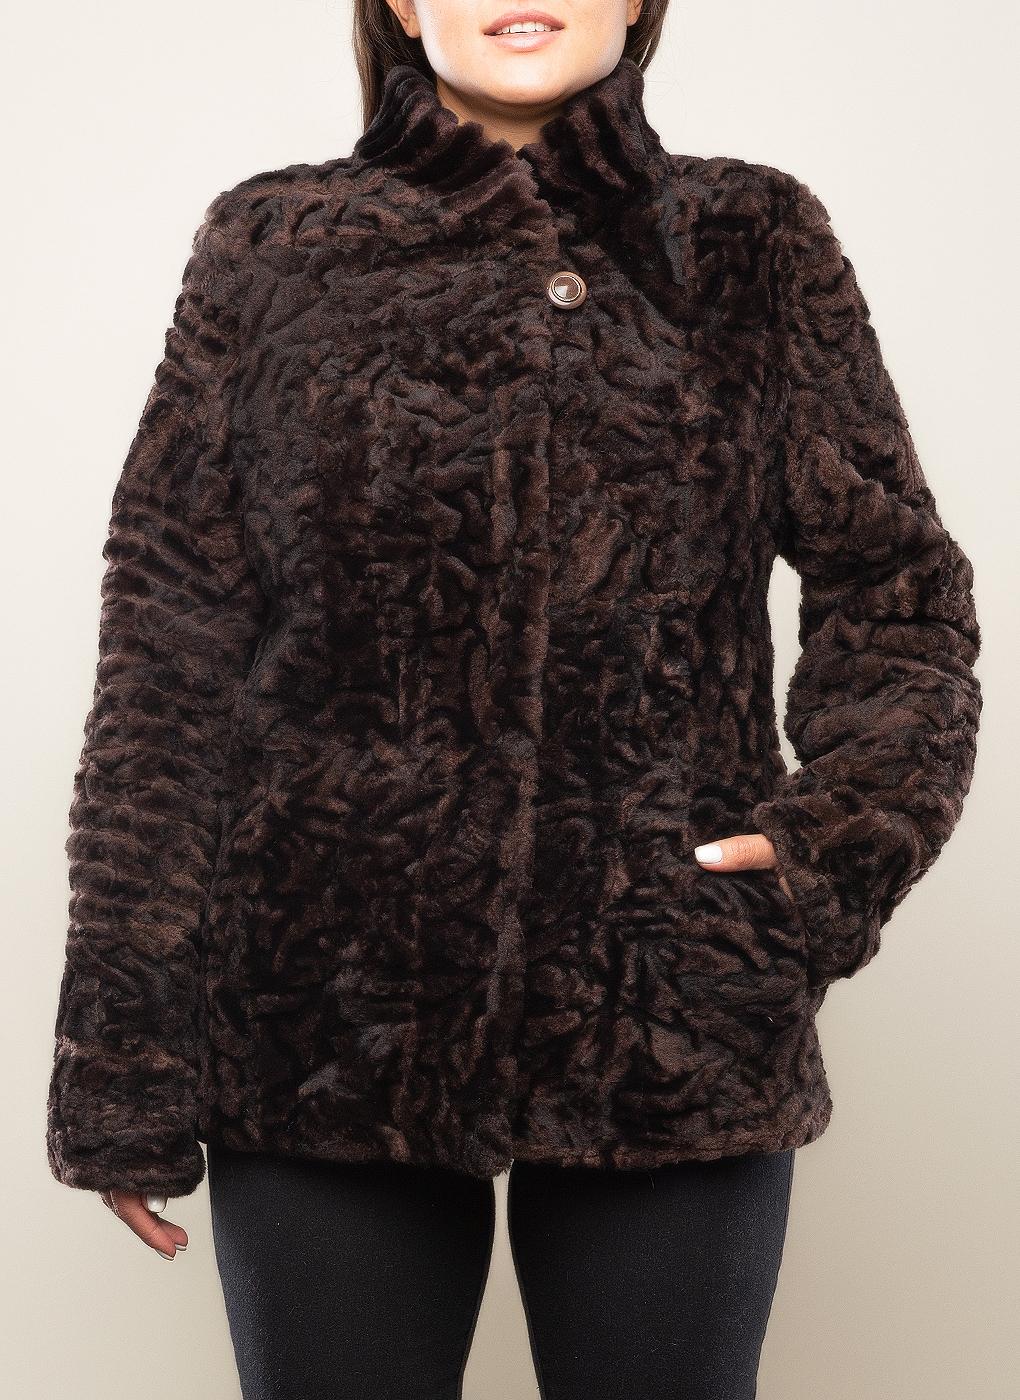 Куртка из овчины прямая 05, Dzhanbekoff фото